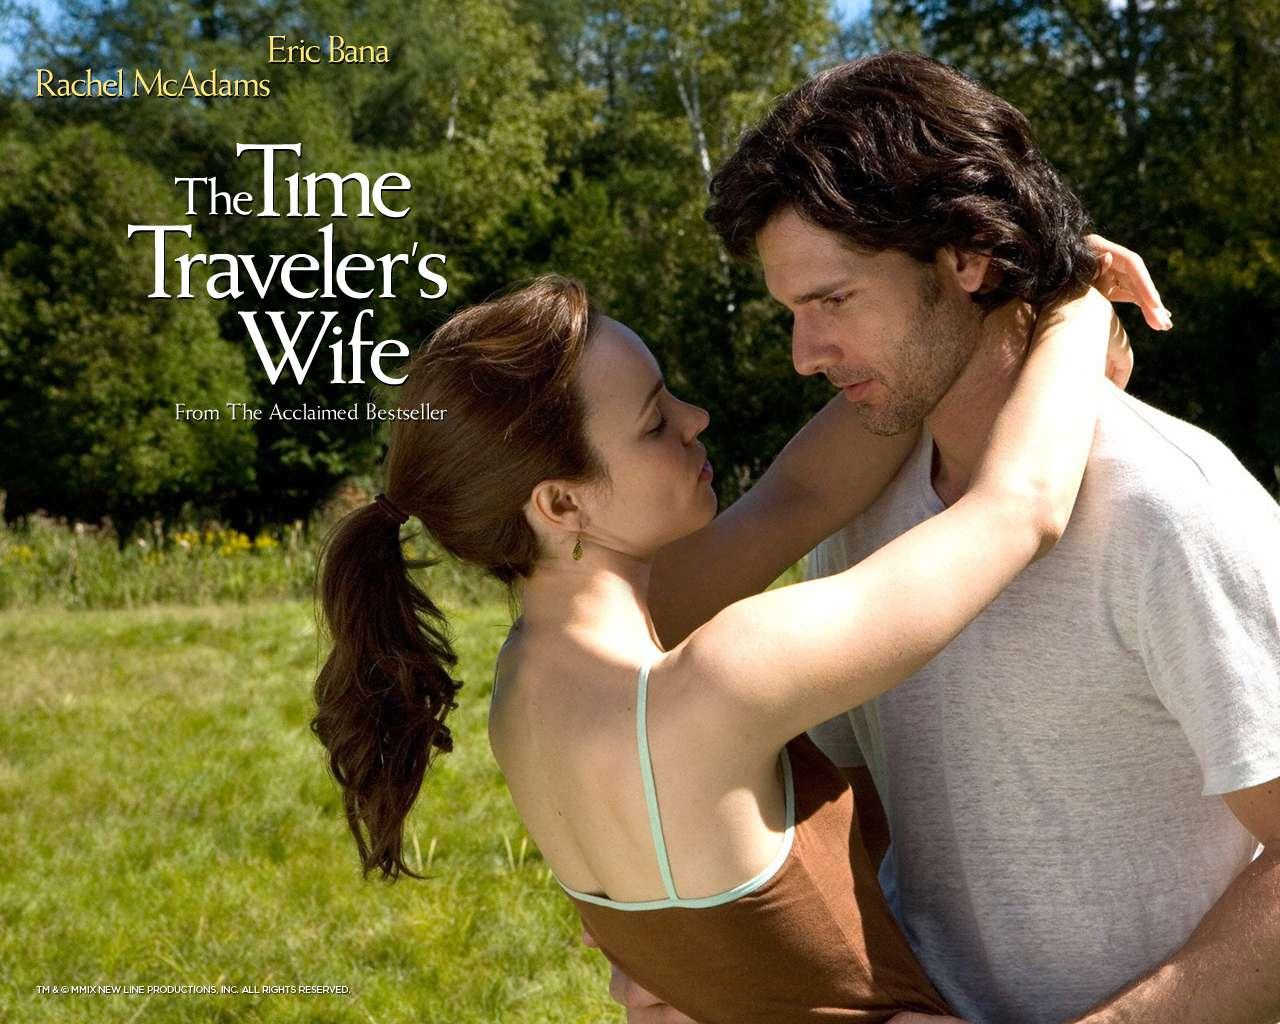 http://www.xjaymanx.com/xjaymanx_2007/Images-toybox-2009/xjaymanx_0216_time_travelers_wife_0008_1280.jpg